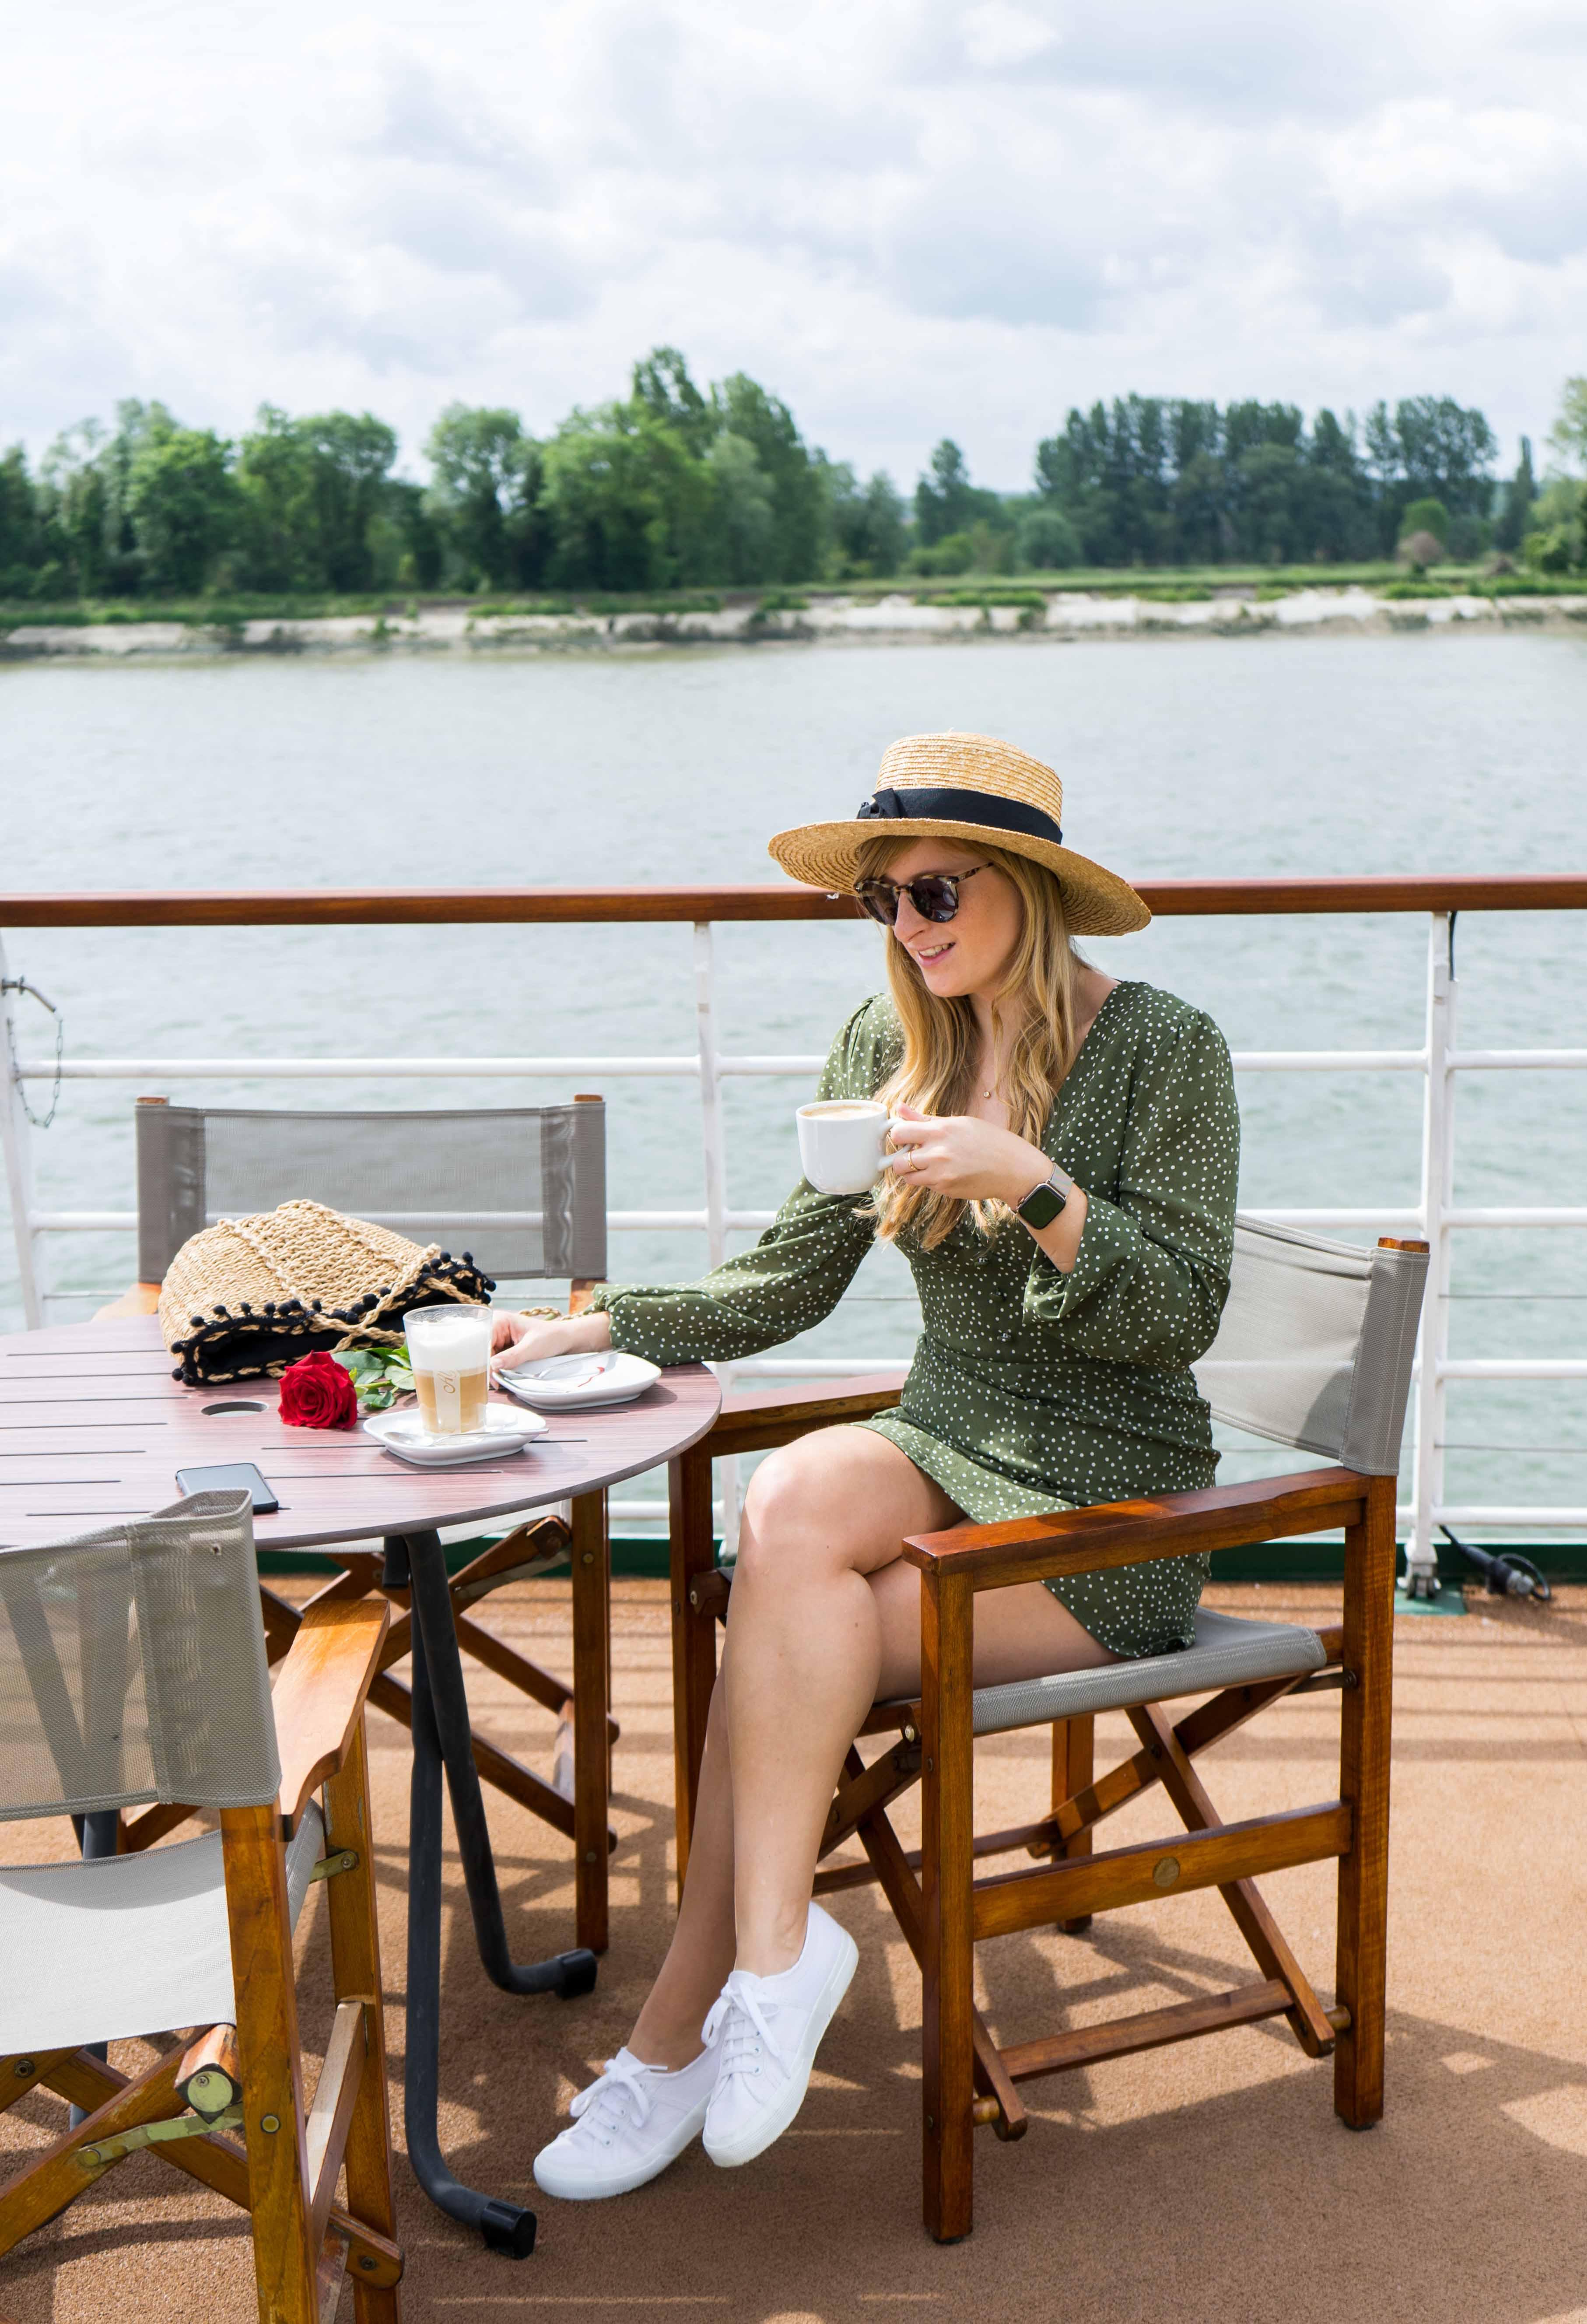 AROSA VIVA Seine Flusskreuzfahrt Kreuzfahrtschiff Brinisfashionbook Reiseblog Erfahrungen